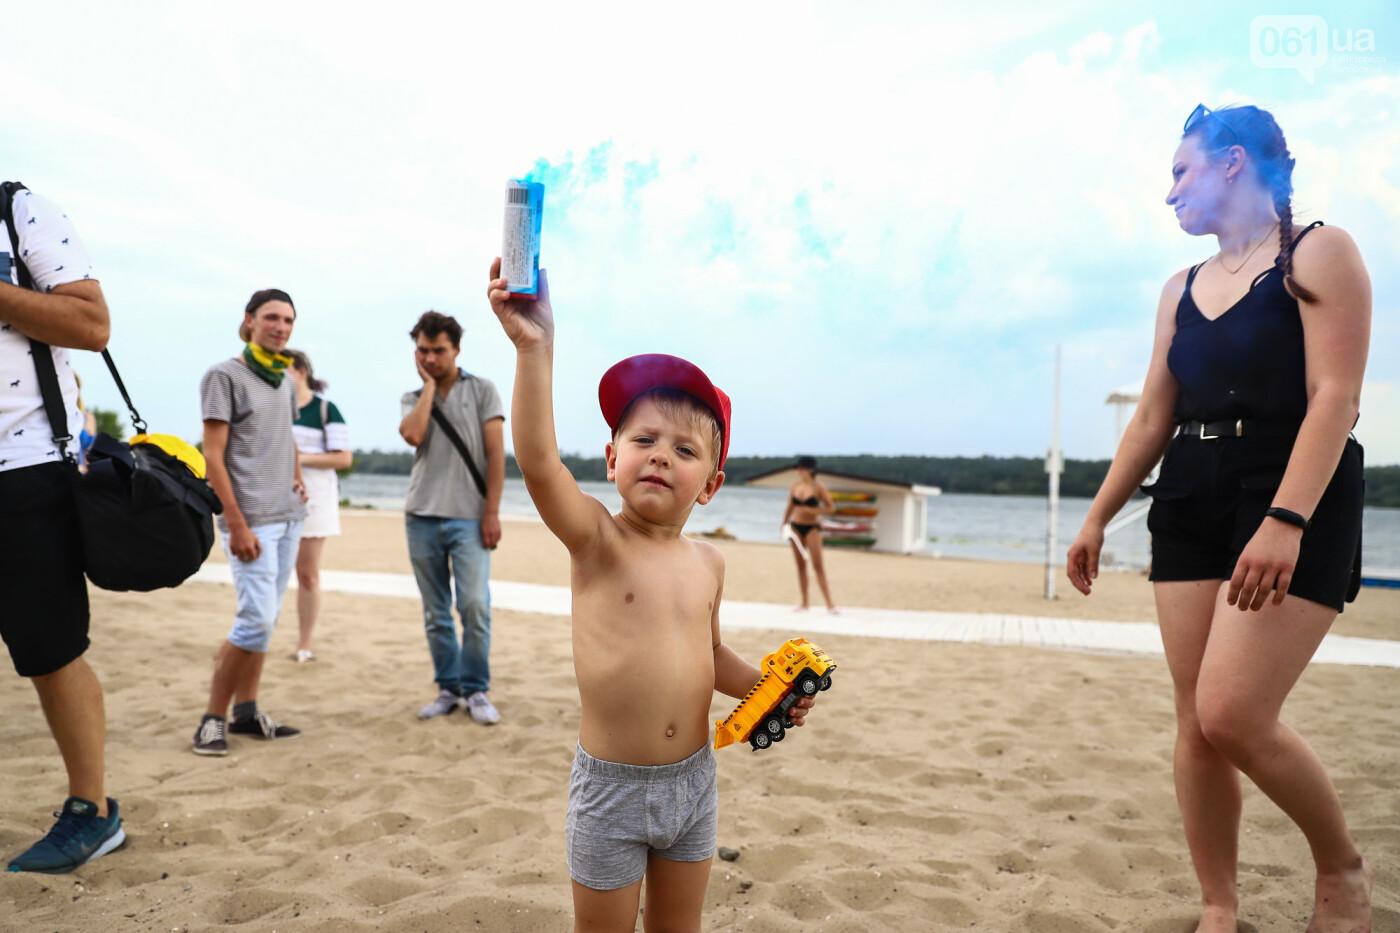 На пляже в Запорожье зажгли желто-синие дымовые шашки и установили рекорд Украины, - ФОТОРЕПОРТАЖ, фото-8